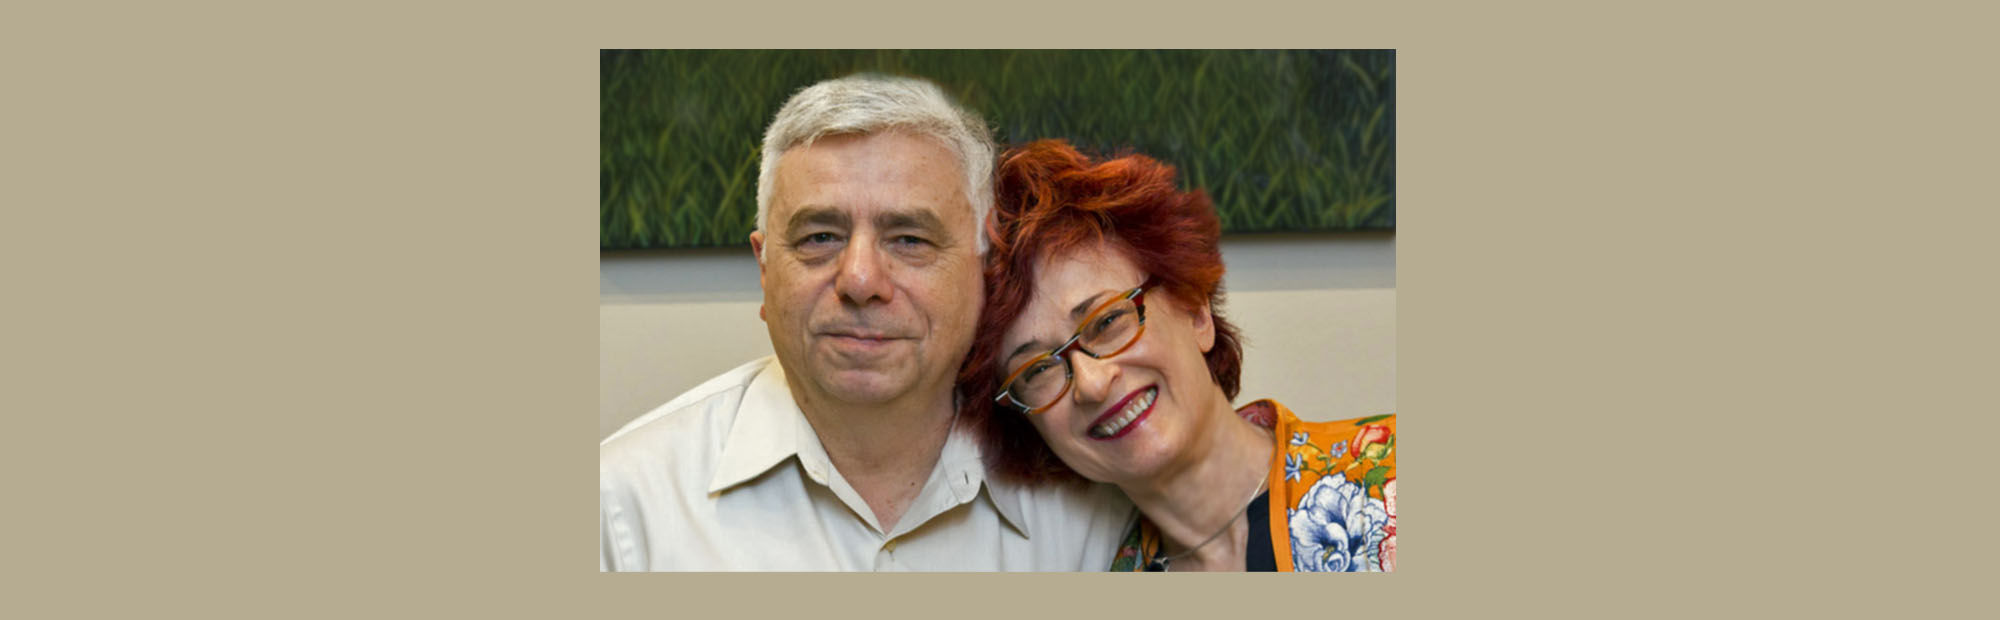 Irene Shaland and Alex Shaland